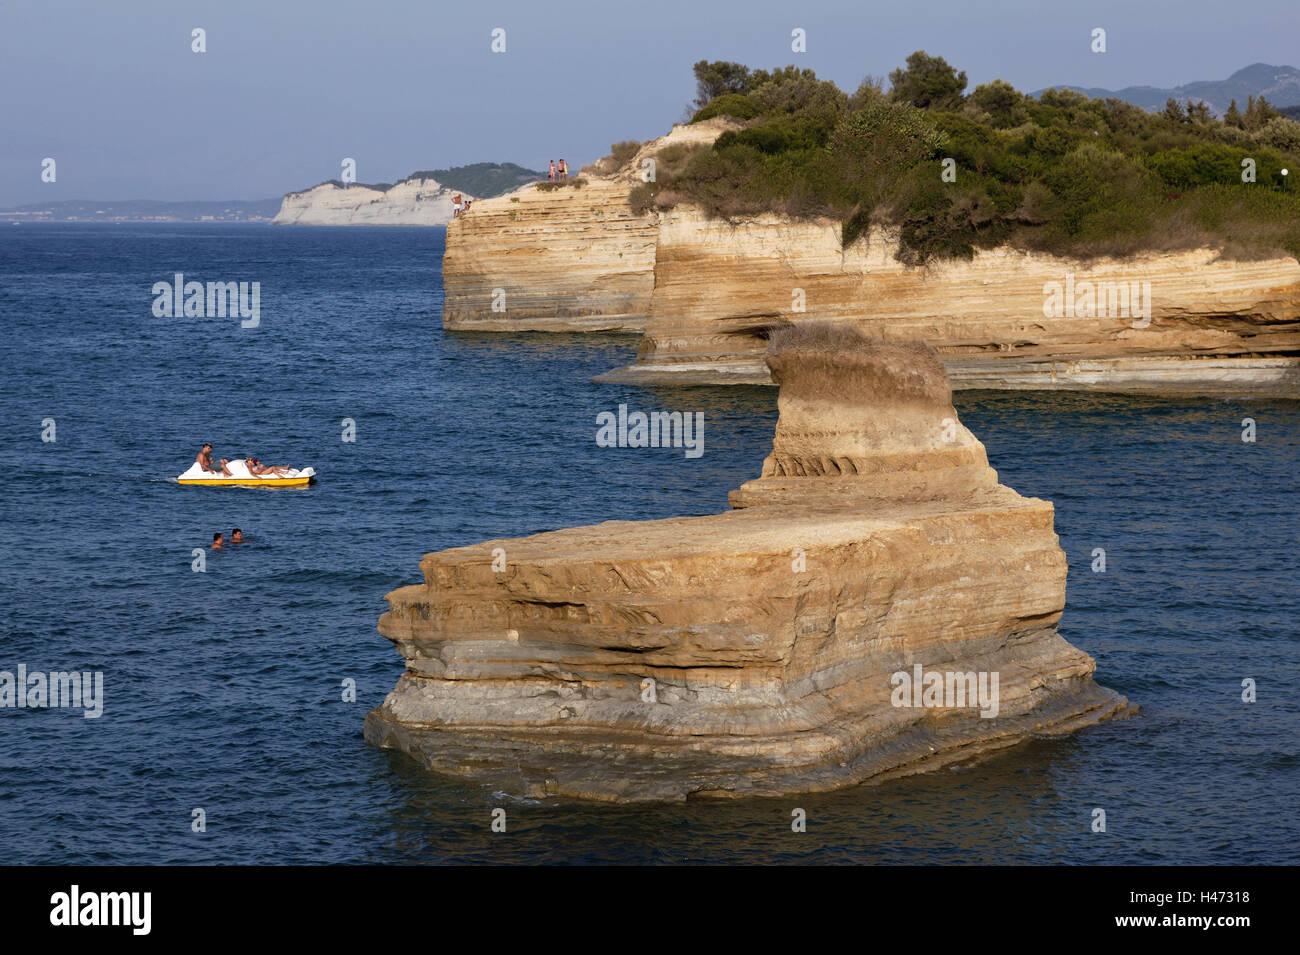 Griechenland, Insel Korfu, Galle Küste, Nordwesten Korfu, Southern, Europa, Europa, im griechischen Insel Korfu, Stockbild